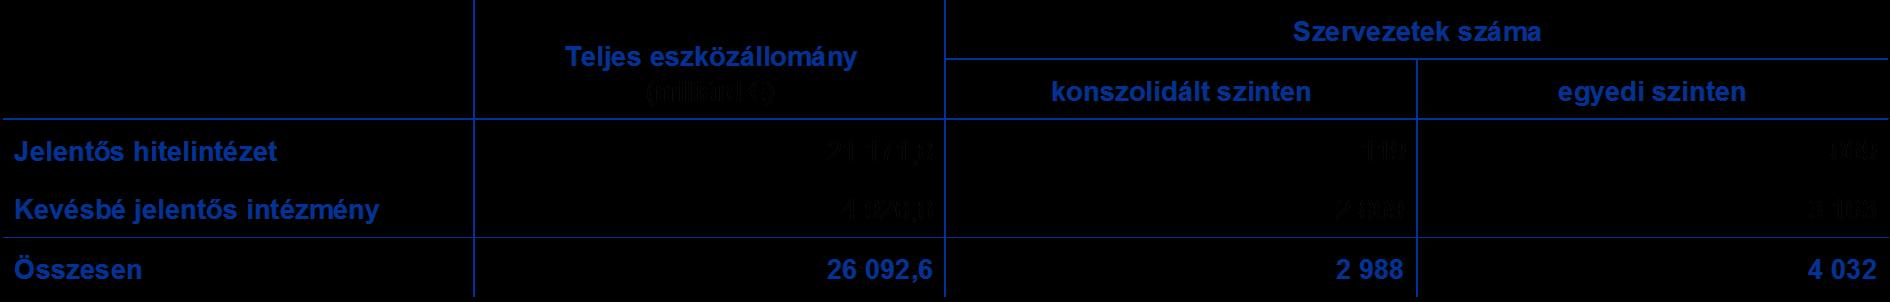 Uj Szó, június (3. évfolyam, szám) | Könyvtár | Hungaricana